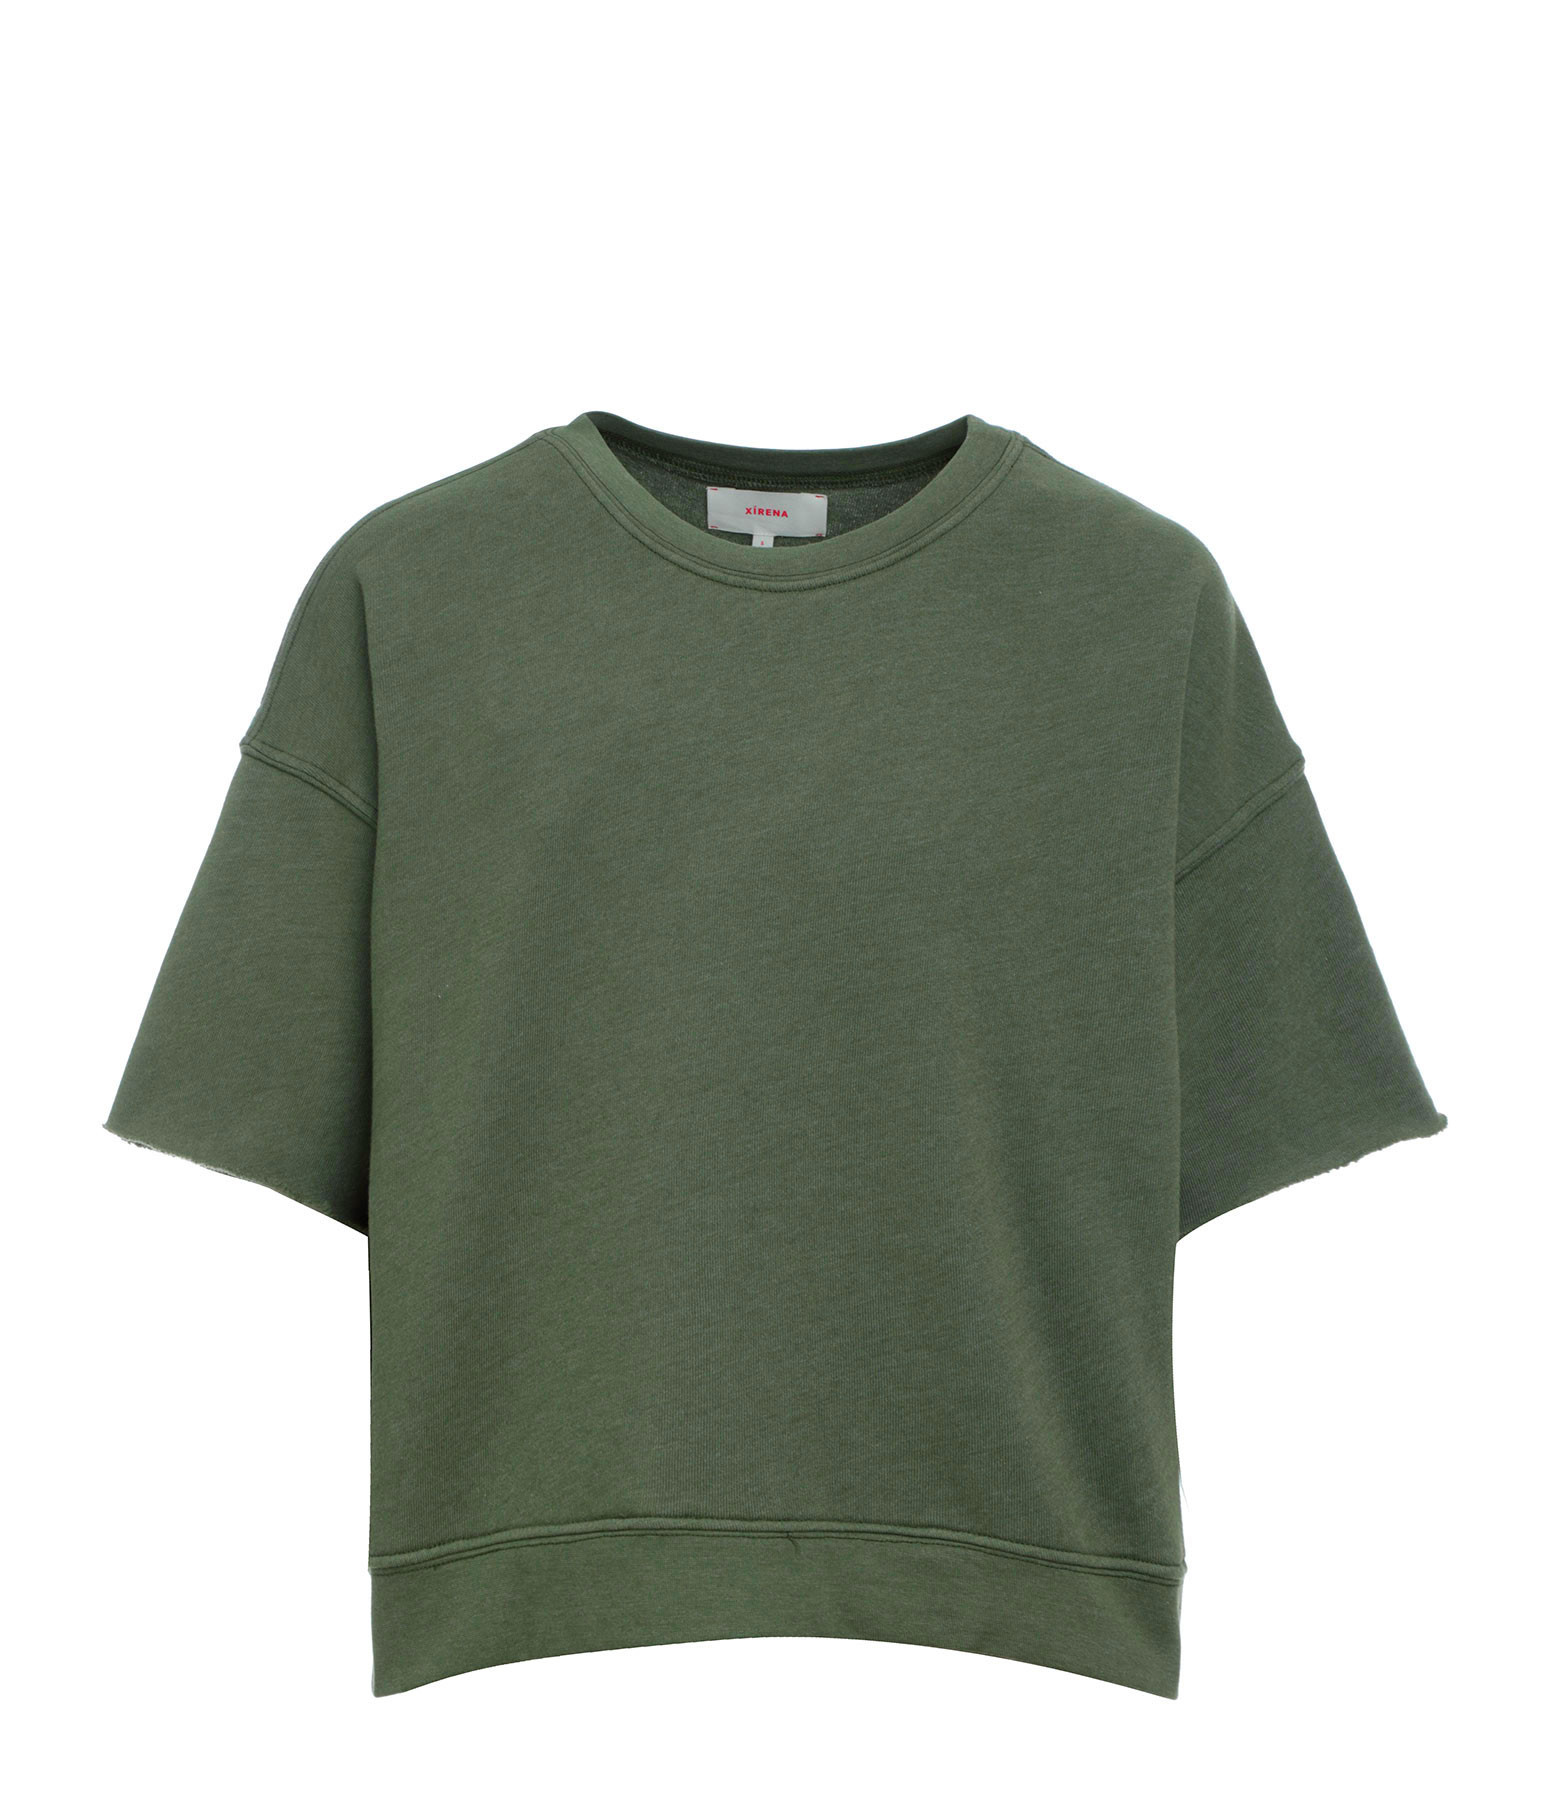 XIRENA - Tee-shirt O.G. Vert